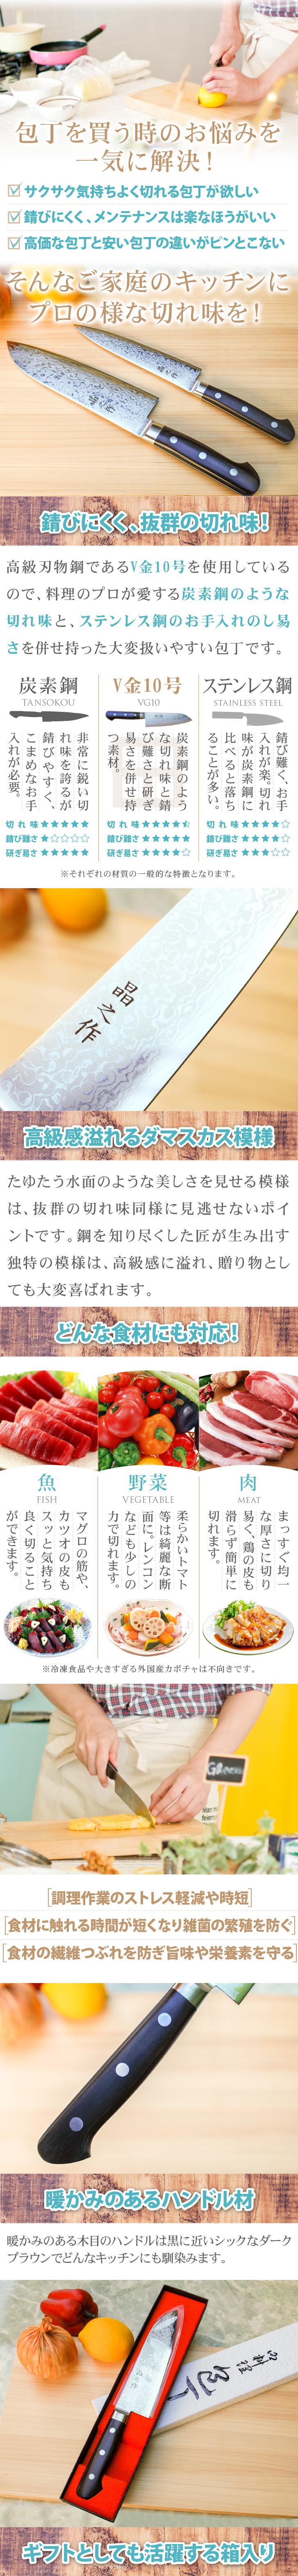 運動会・ハイキング!秋のお弁当応援フェア〜ダマスカス包丁〜